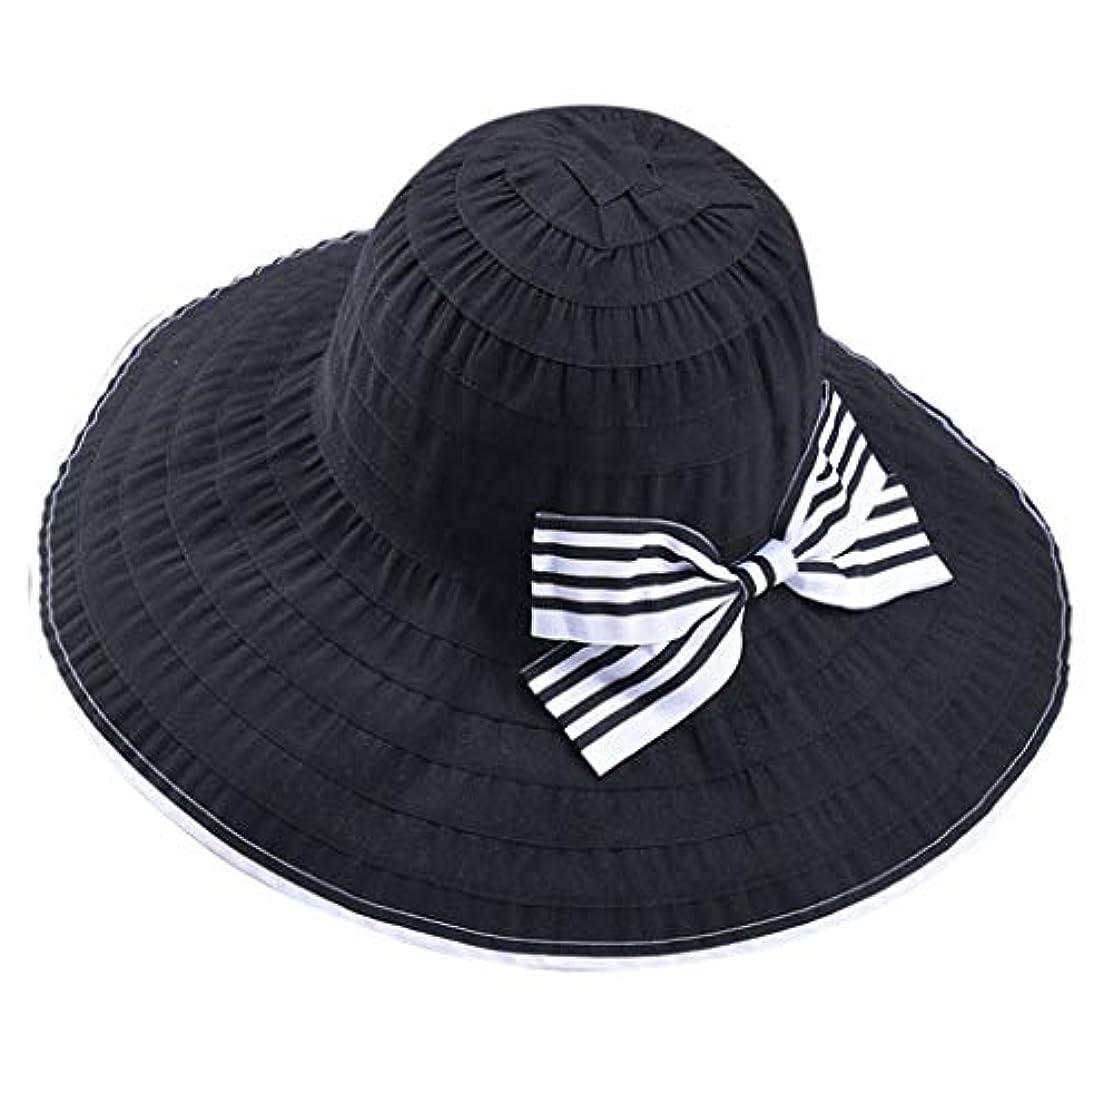 スラダム飛ぶカプセル帽子 サイズ調整 テープ ハット 黒 ニット帽 ビーチサンダル ターバン 夏 ベレー帽 レディース 女優帽 日よけ 熱中症予防 日焼け 折りたたみ 持ち運び つば広 自転車 飛ばない 夏 春 サイドリボン ROSE ROMAN